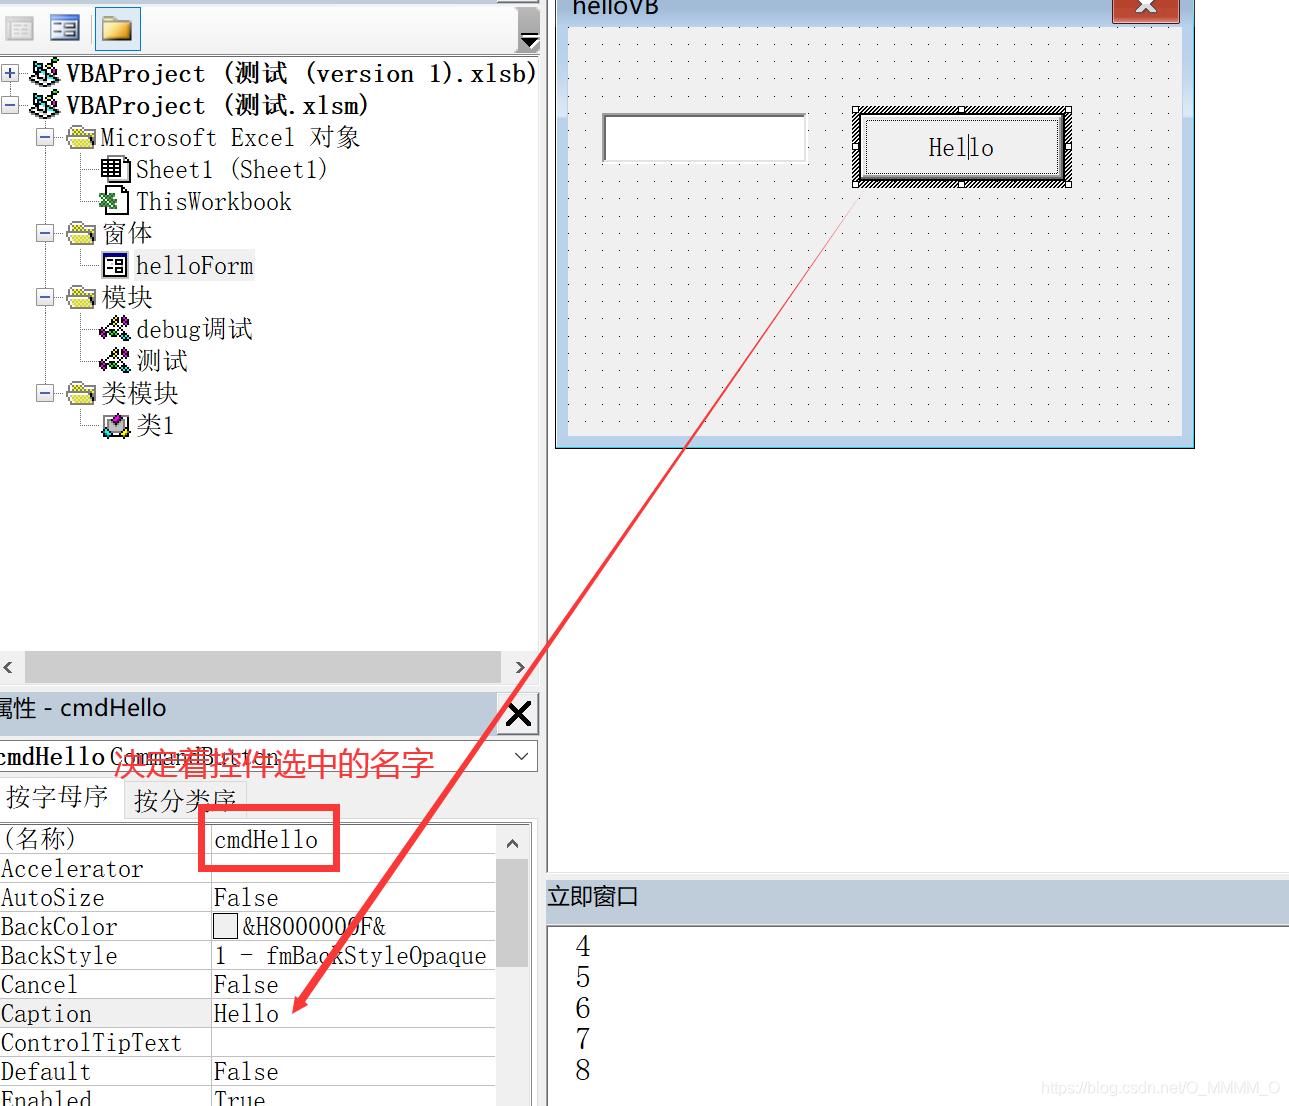 [外链图片转存失败,源站可能有防盗链机制,建议将图片保存下来直接上传(img-SXE4DDQg-1615651551136)(images/VBA基础教程一/image-20210307125438516.png)]